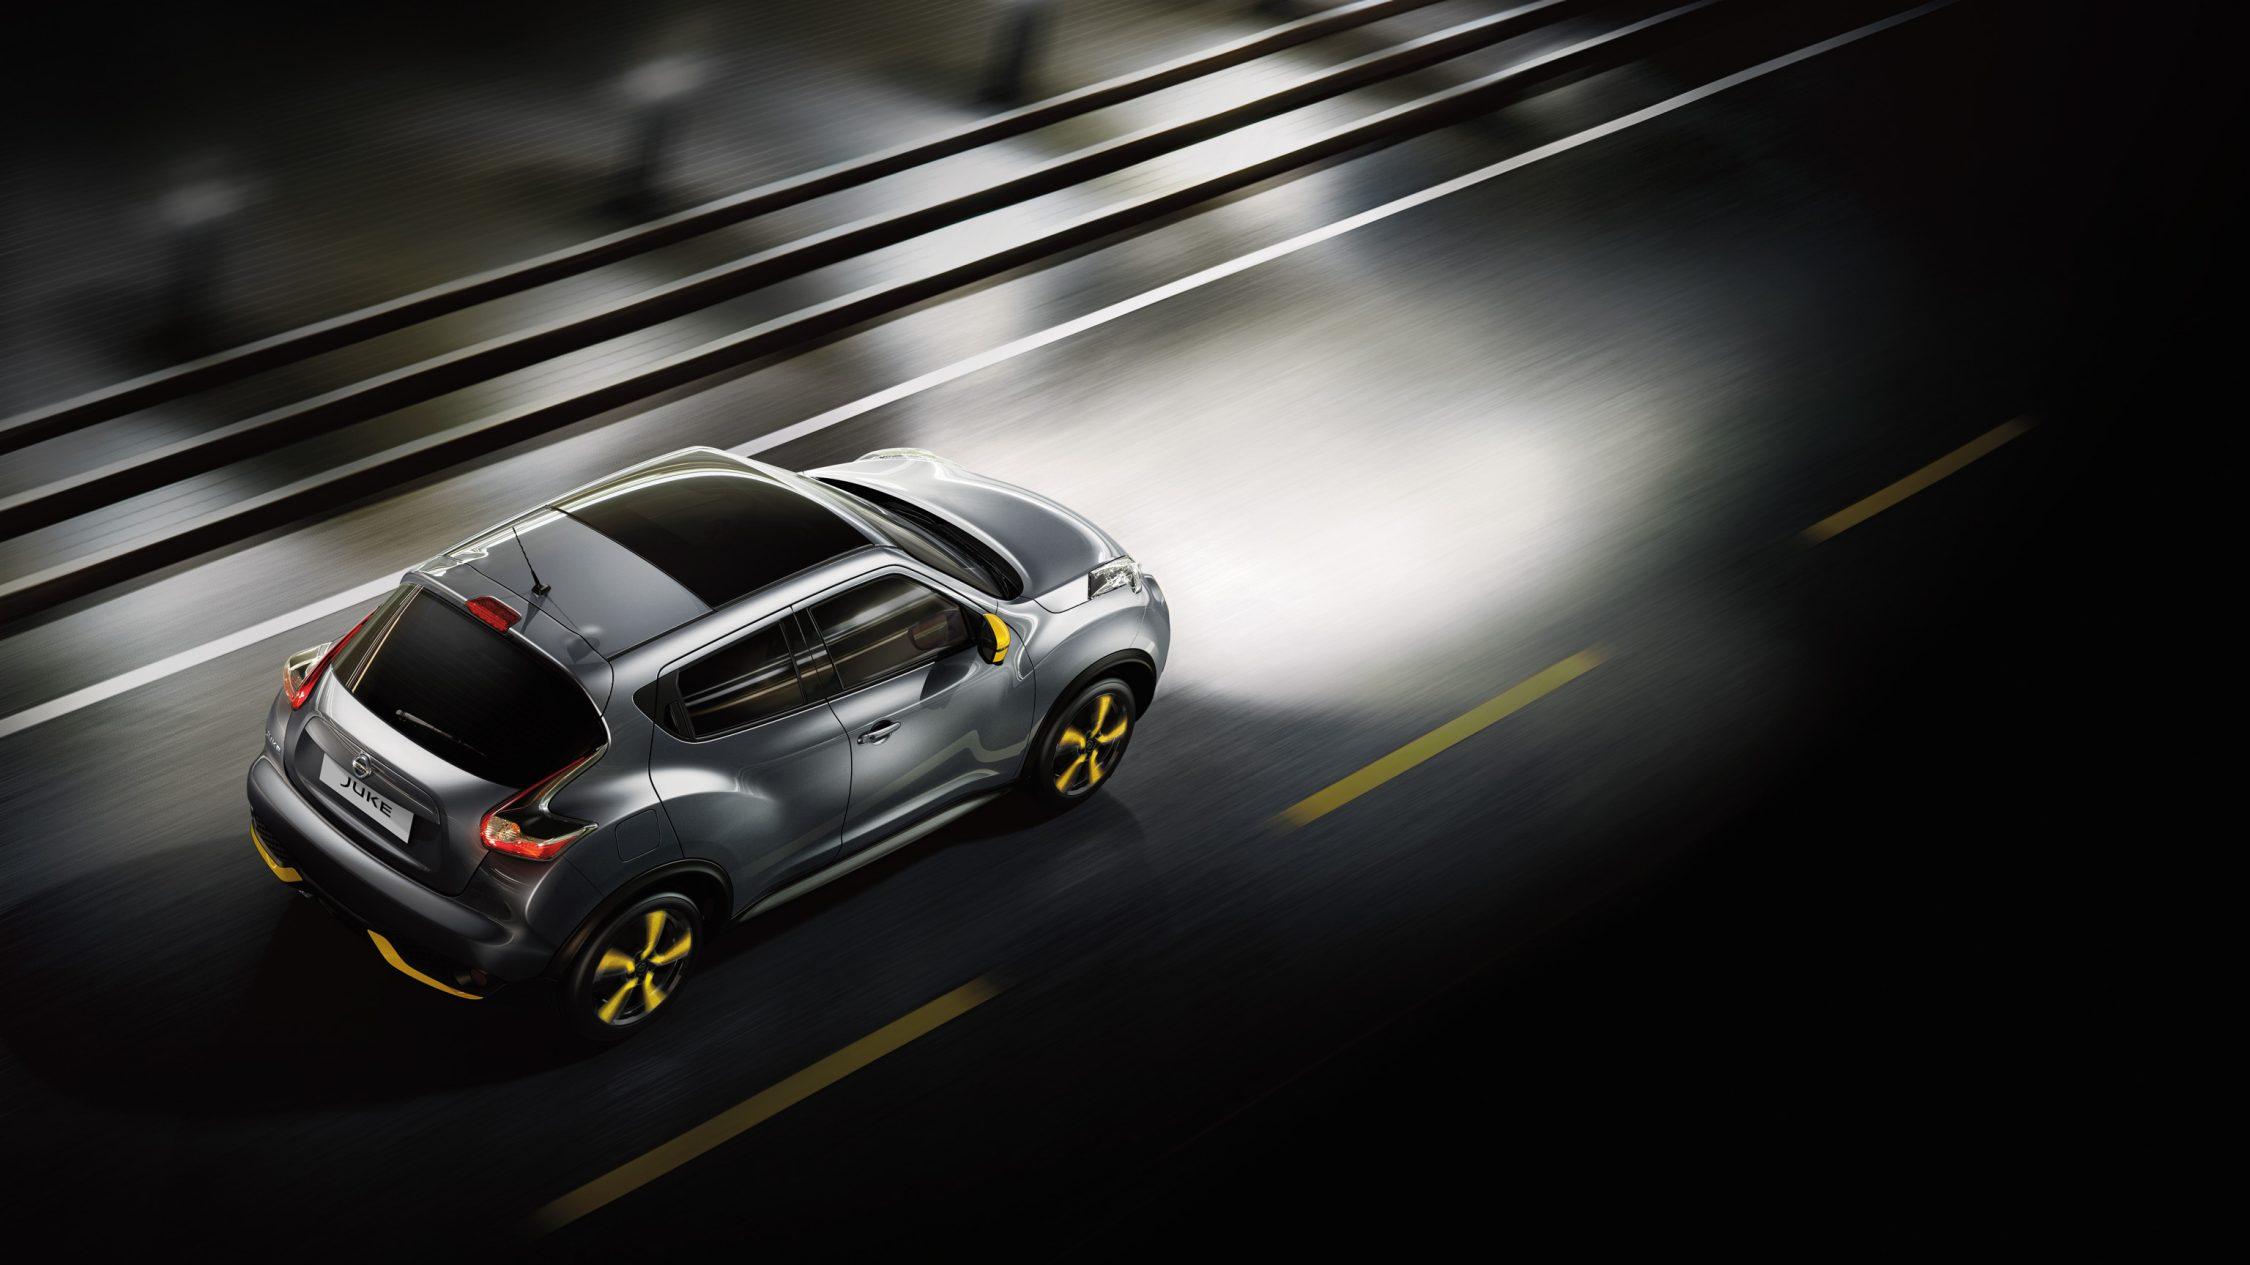 Nissan Juke kjører om natten med kraftige lys